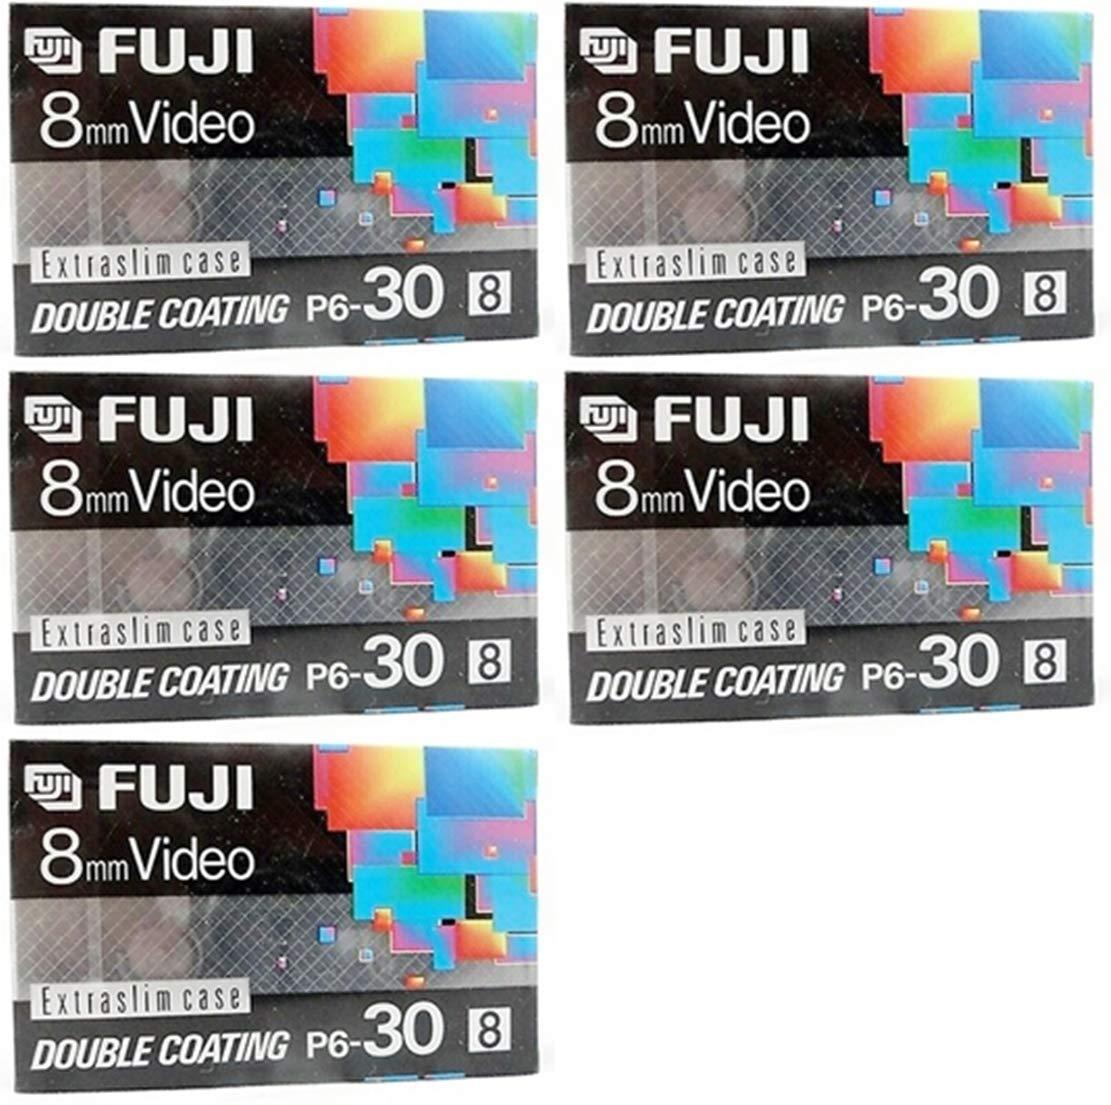 Fuji 8mm Video P6-120 - 5 Pack by Fuji'